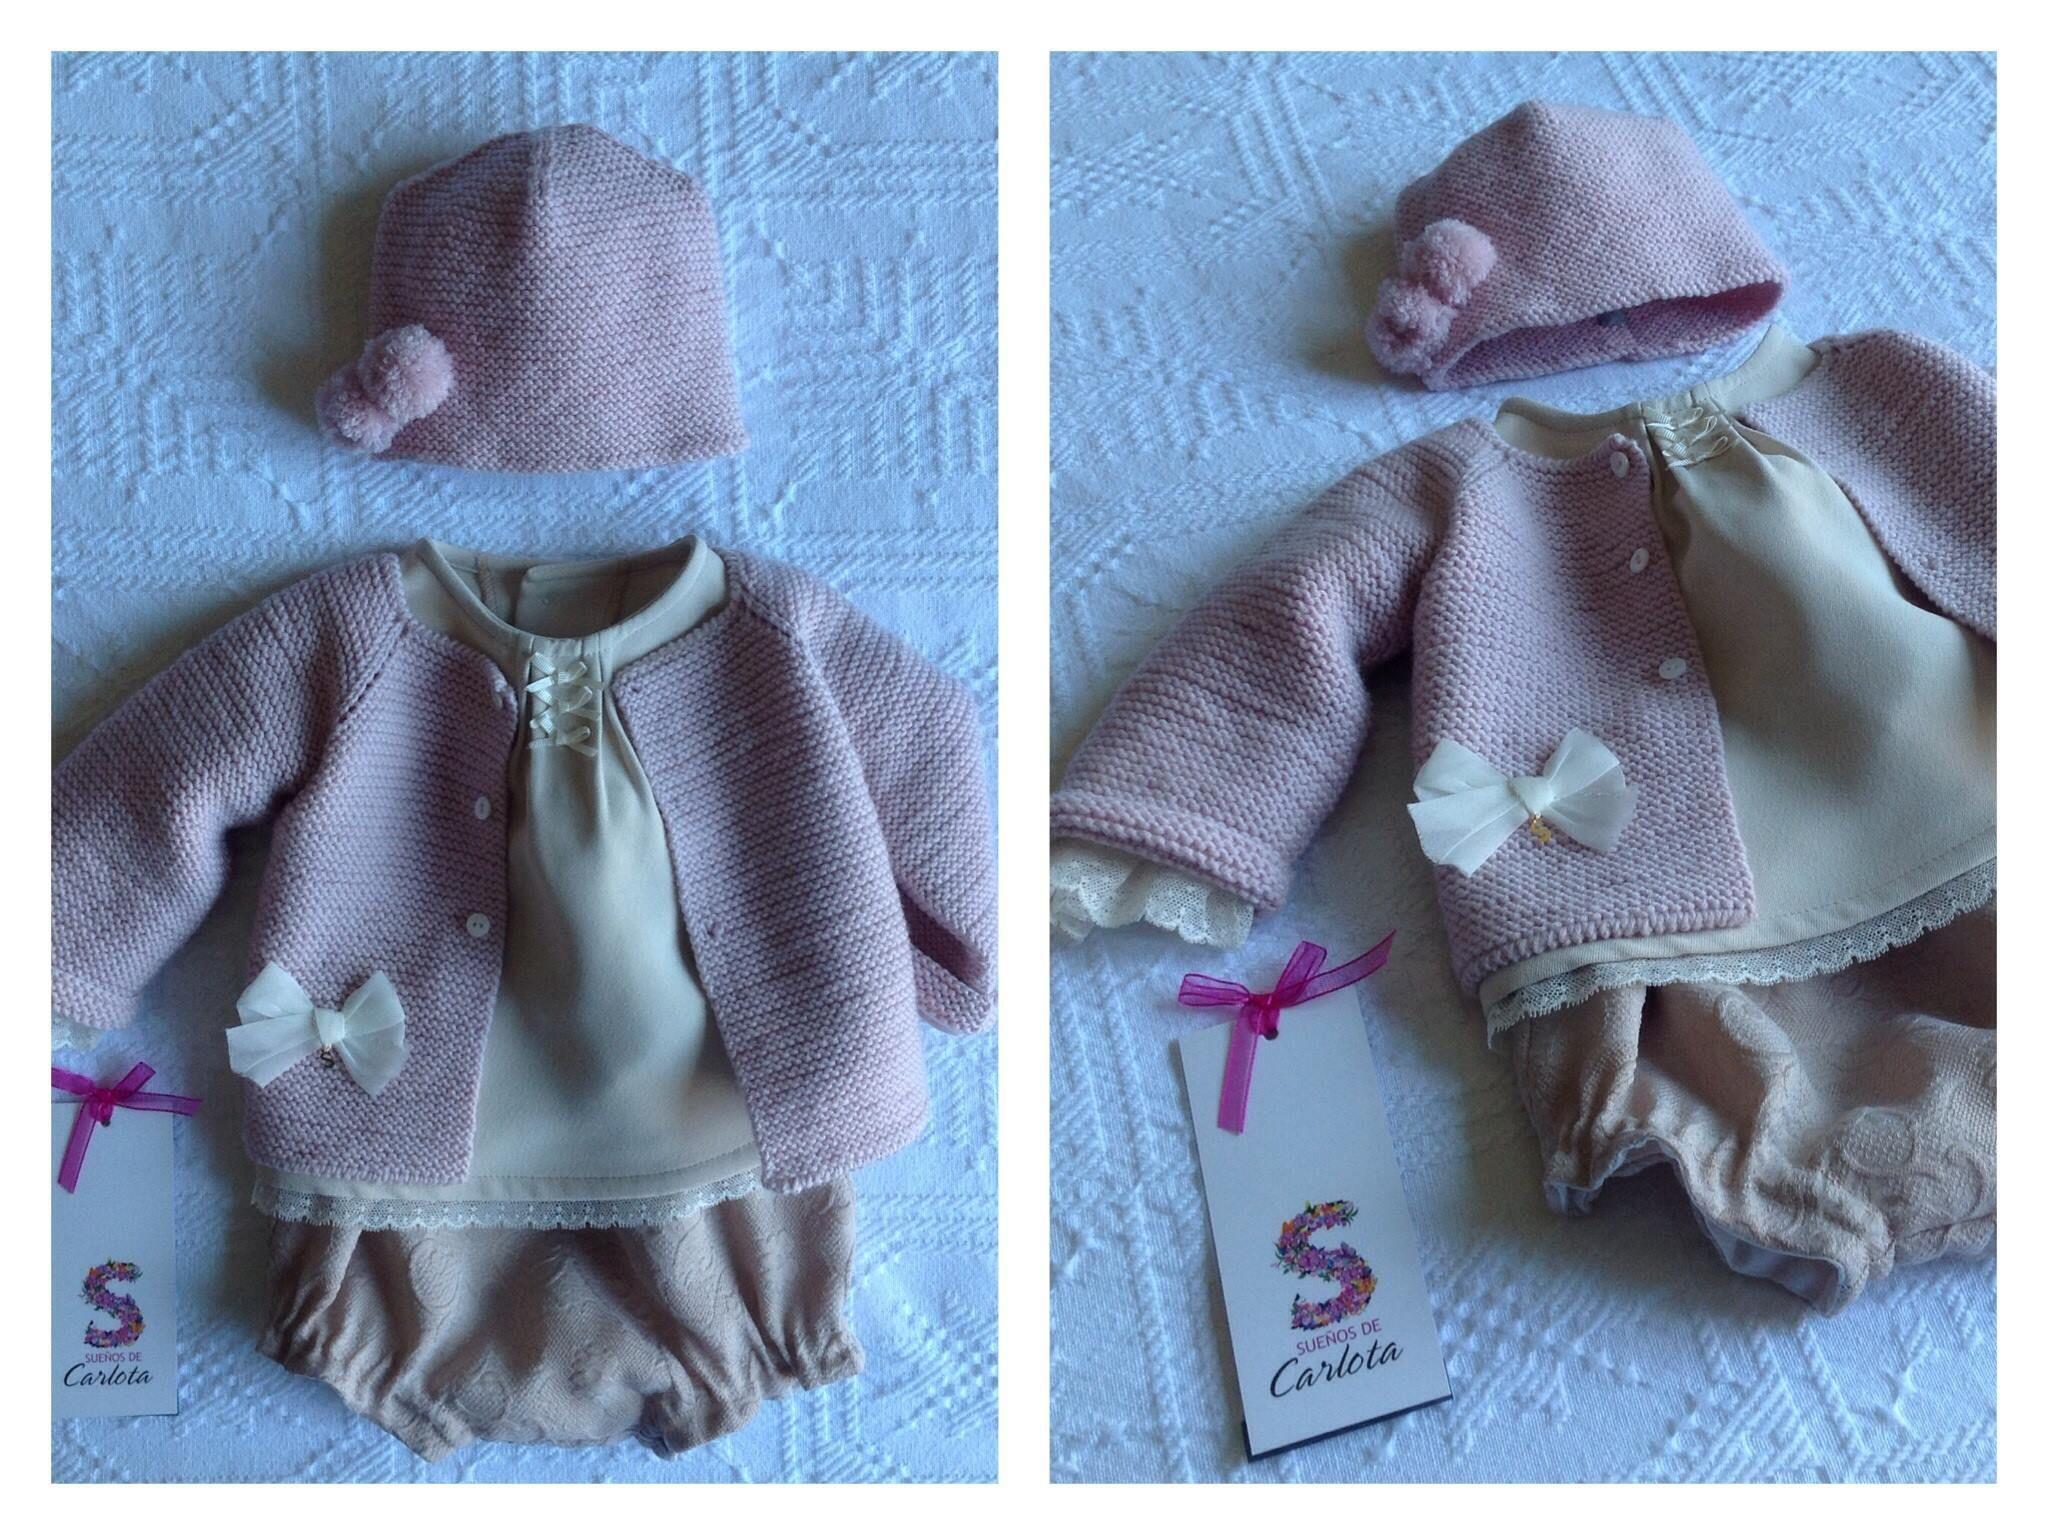 Nuestros Minisueños de ensueño, en tonos empolvados. By Sueños de Carlota http://www.xn--sueosdecarlota-snb.com/coleccion-minisuenos.php #moda #fashion #fashionkids